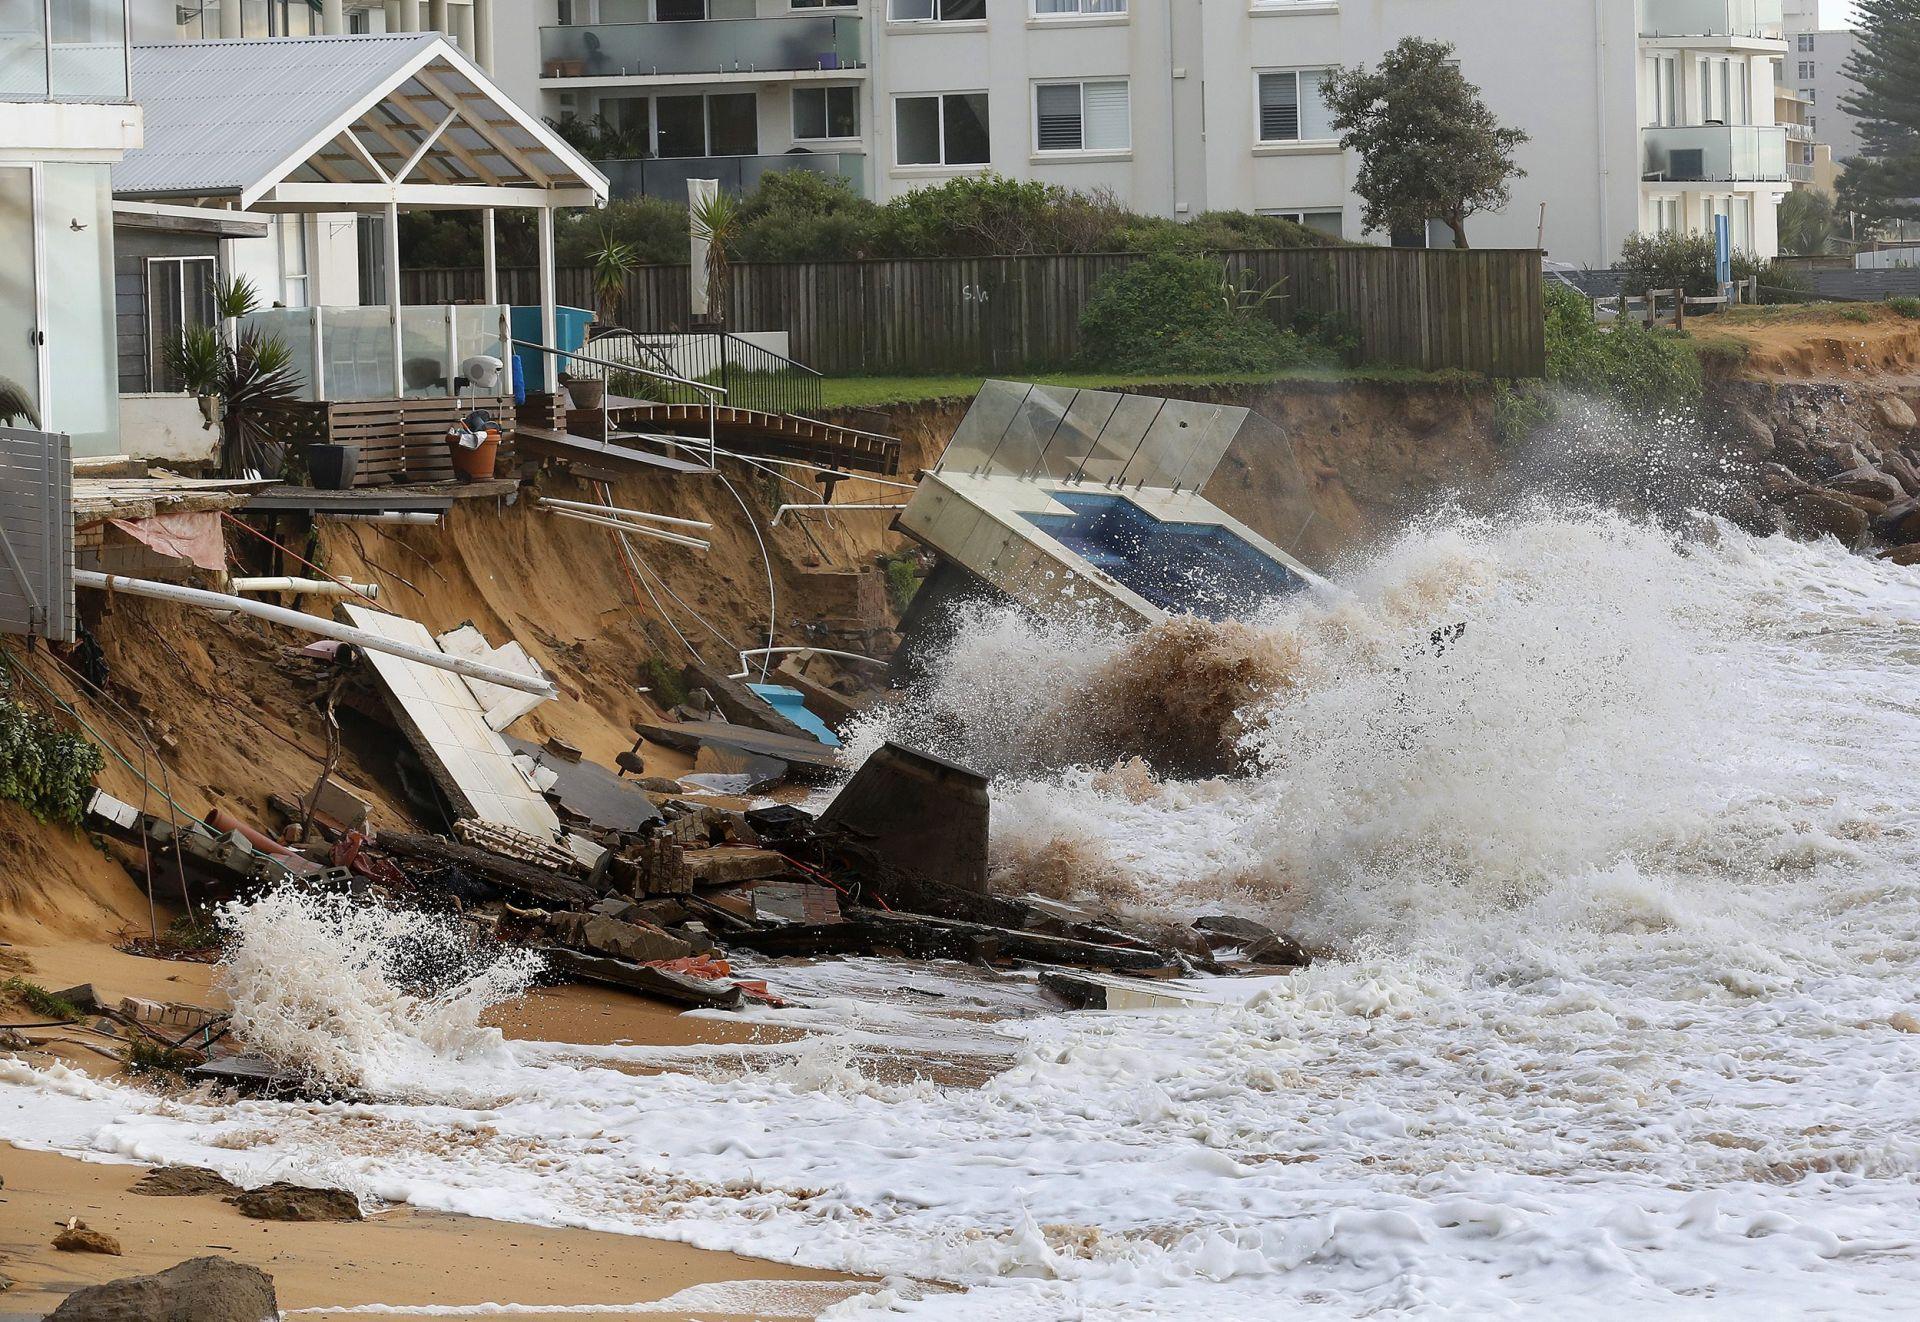 OLUJE I POPLAVE: U jugoistočnoj Australiji troje poginulih, četvero nestalih